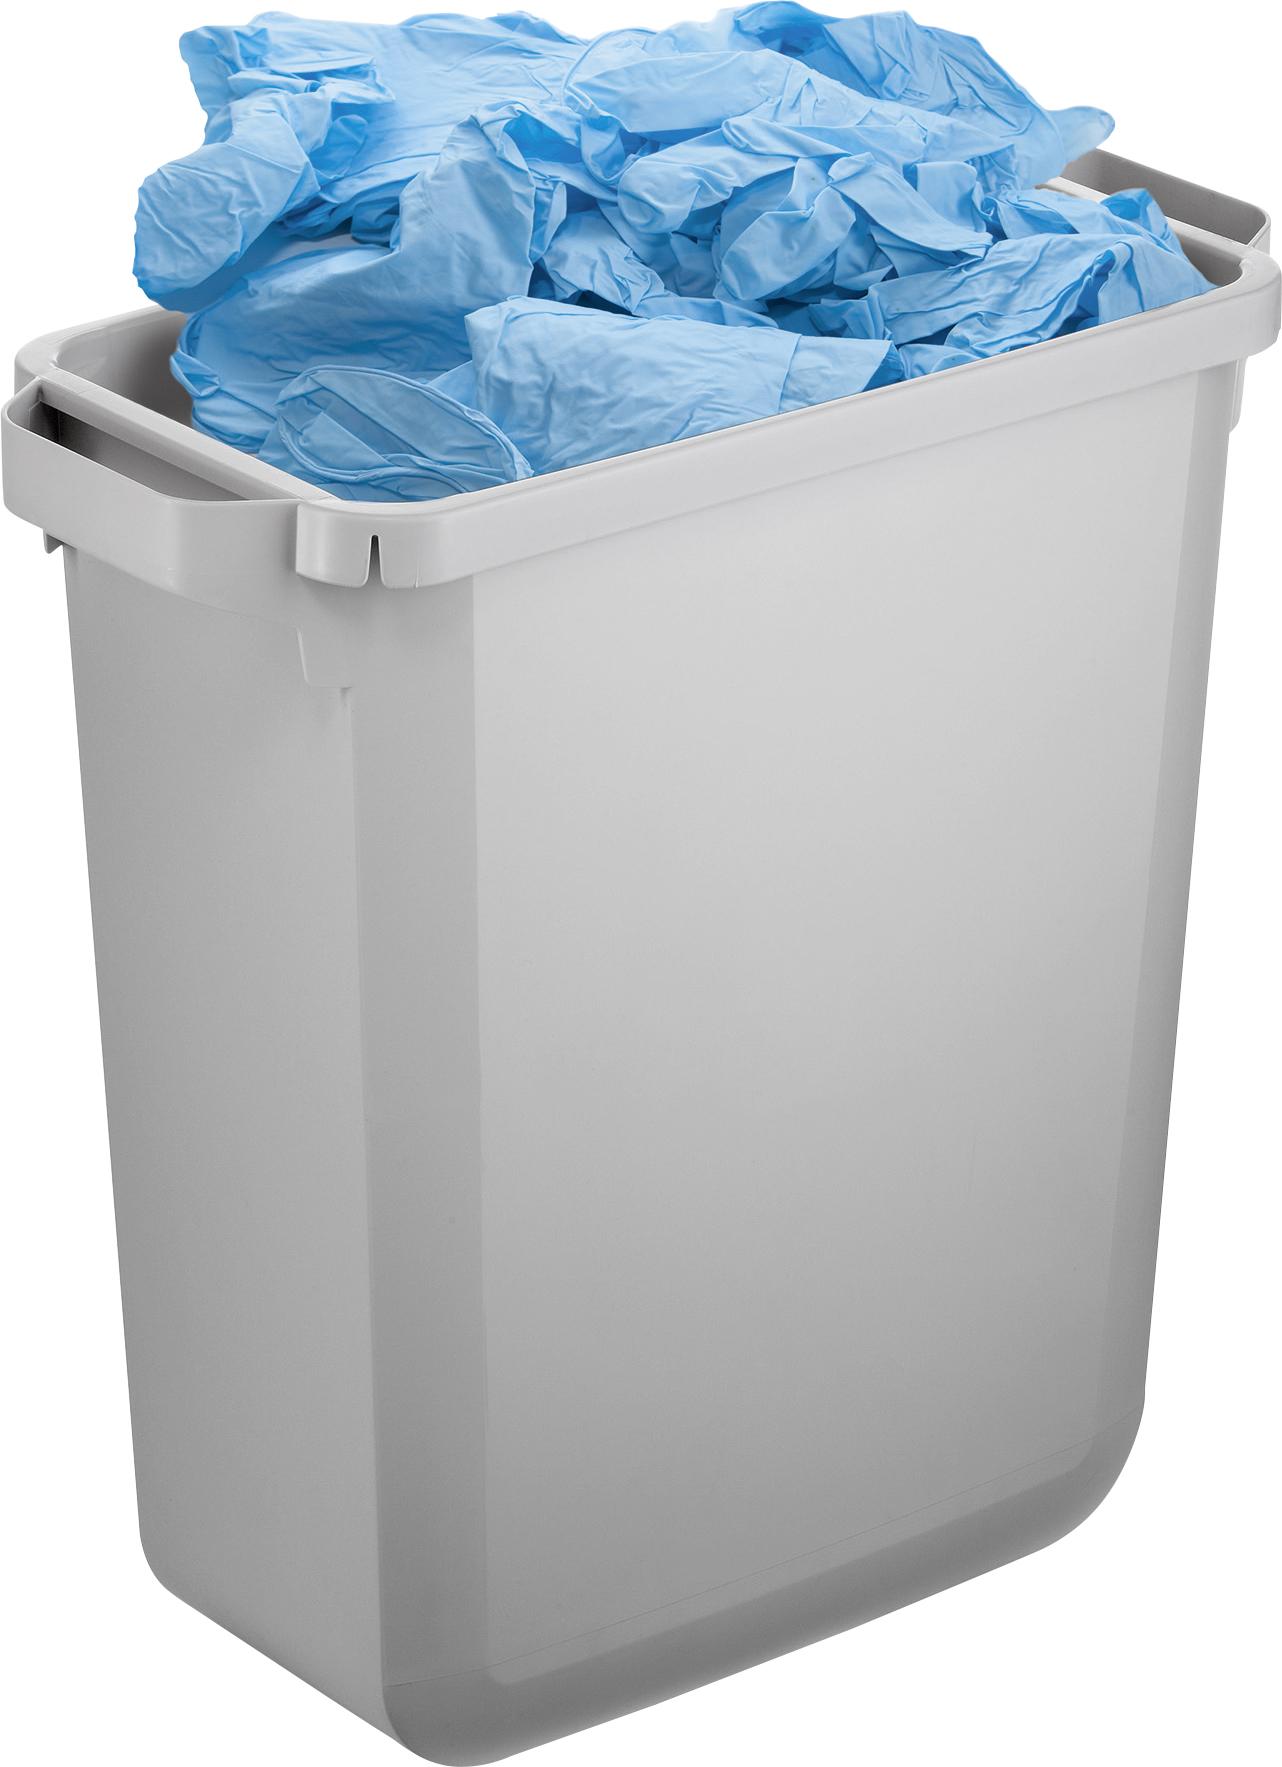 Durabin Abfallbehälter mit 60 l Fassungsvermögen, mit Bsp. Abfallbefüllung